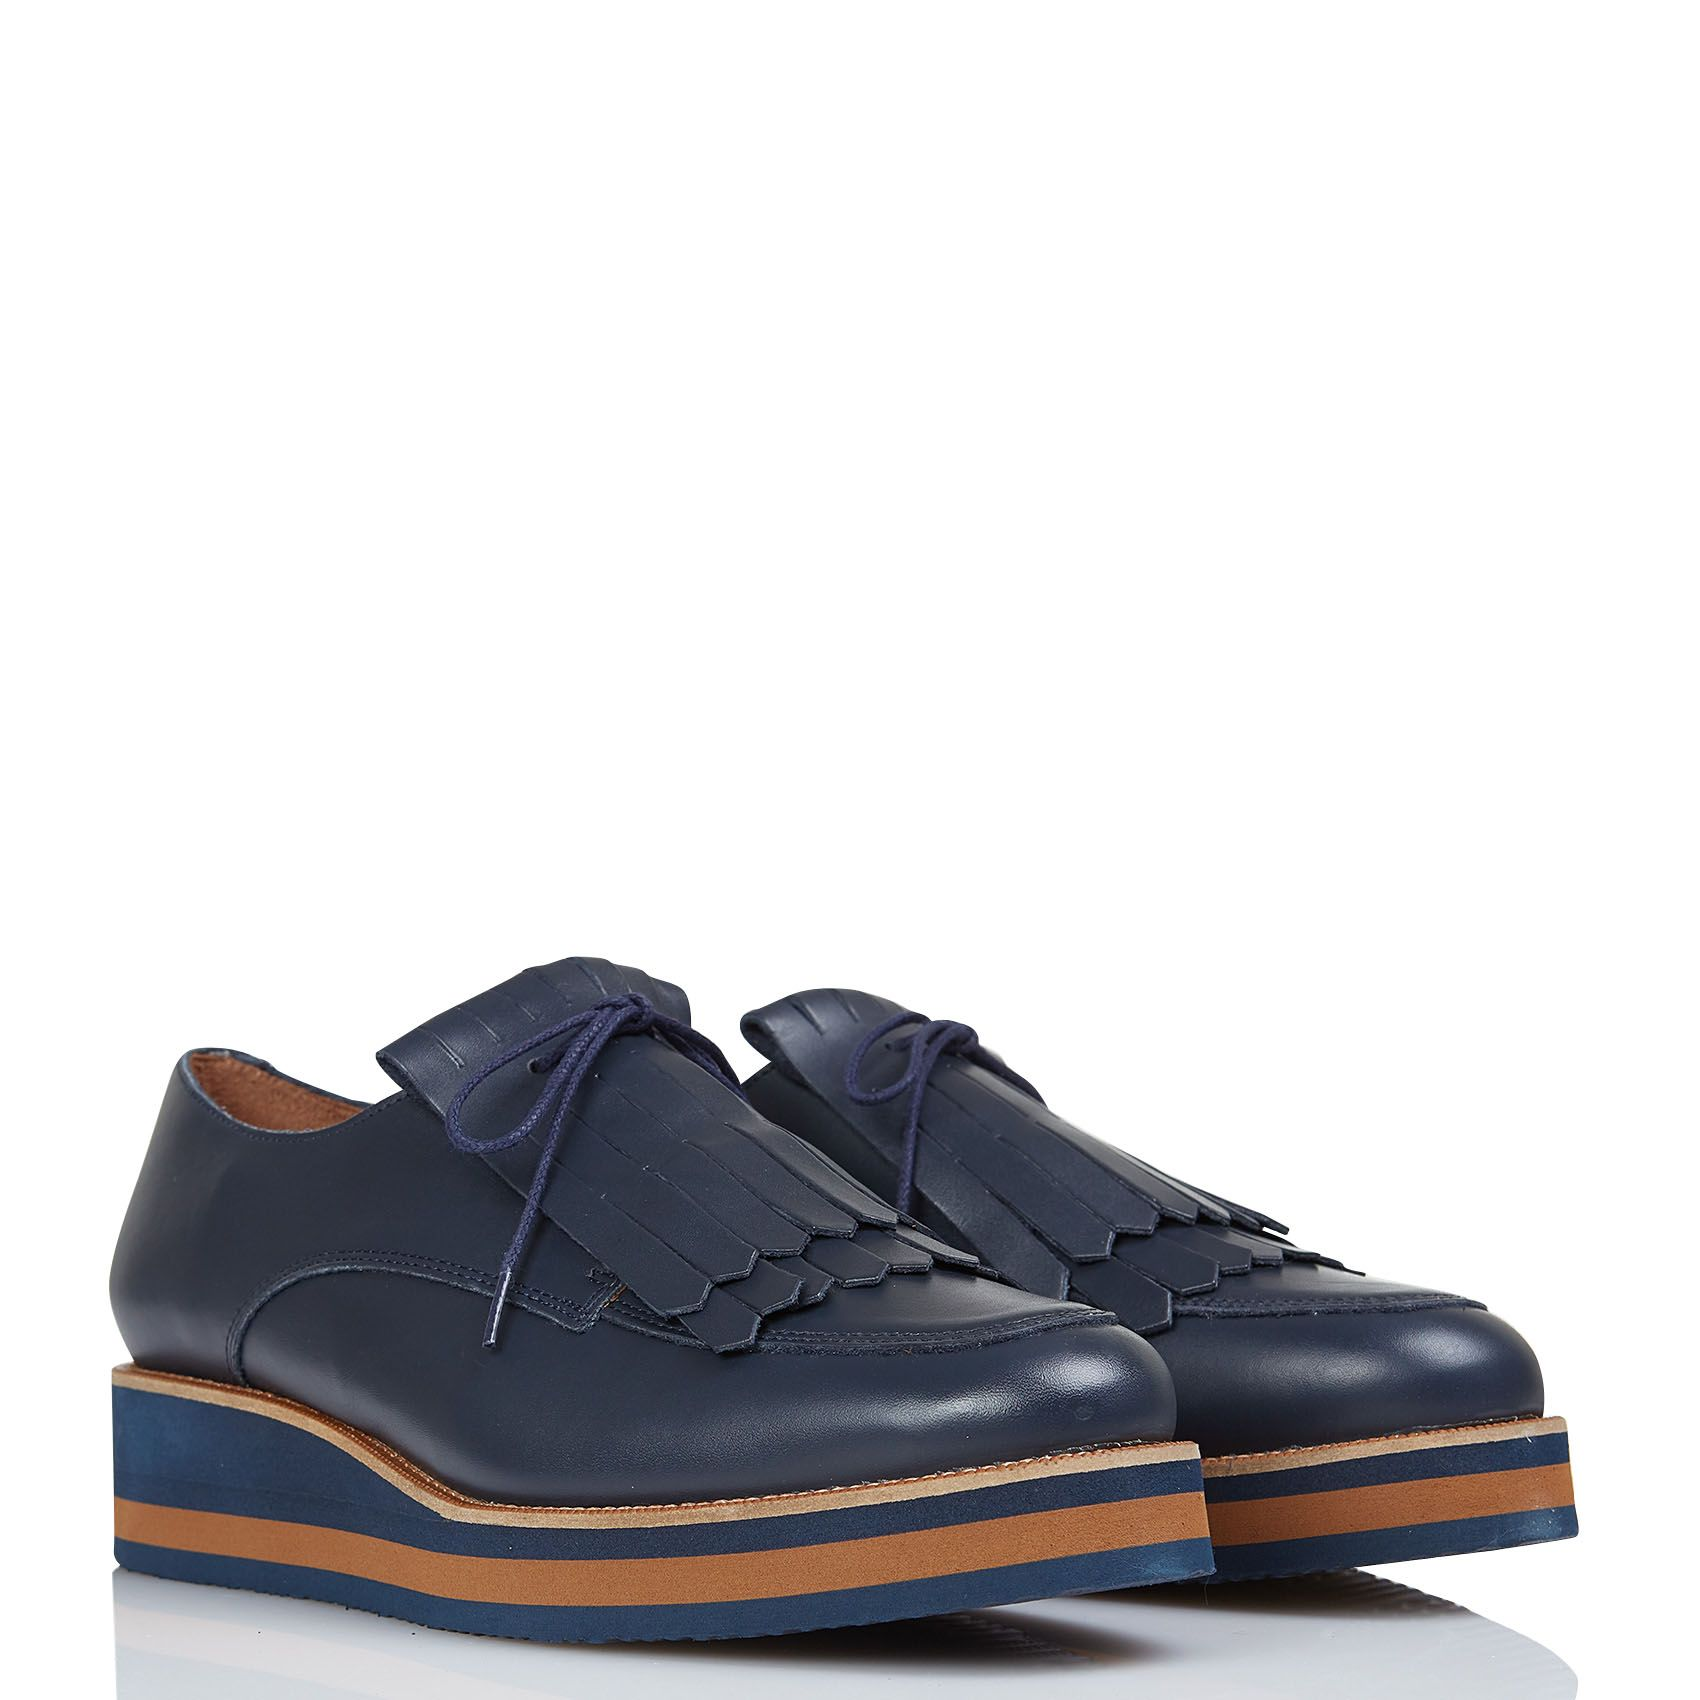 Chaussure Plate Style Derby Femme,Alaso Soldes Femmes Chaussures de Ville /à Lacets Derbies Cuir Baskets Ballerines Mocassins Oxford